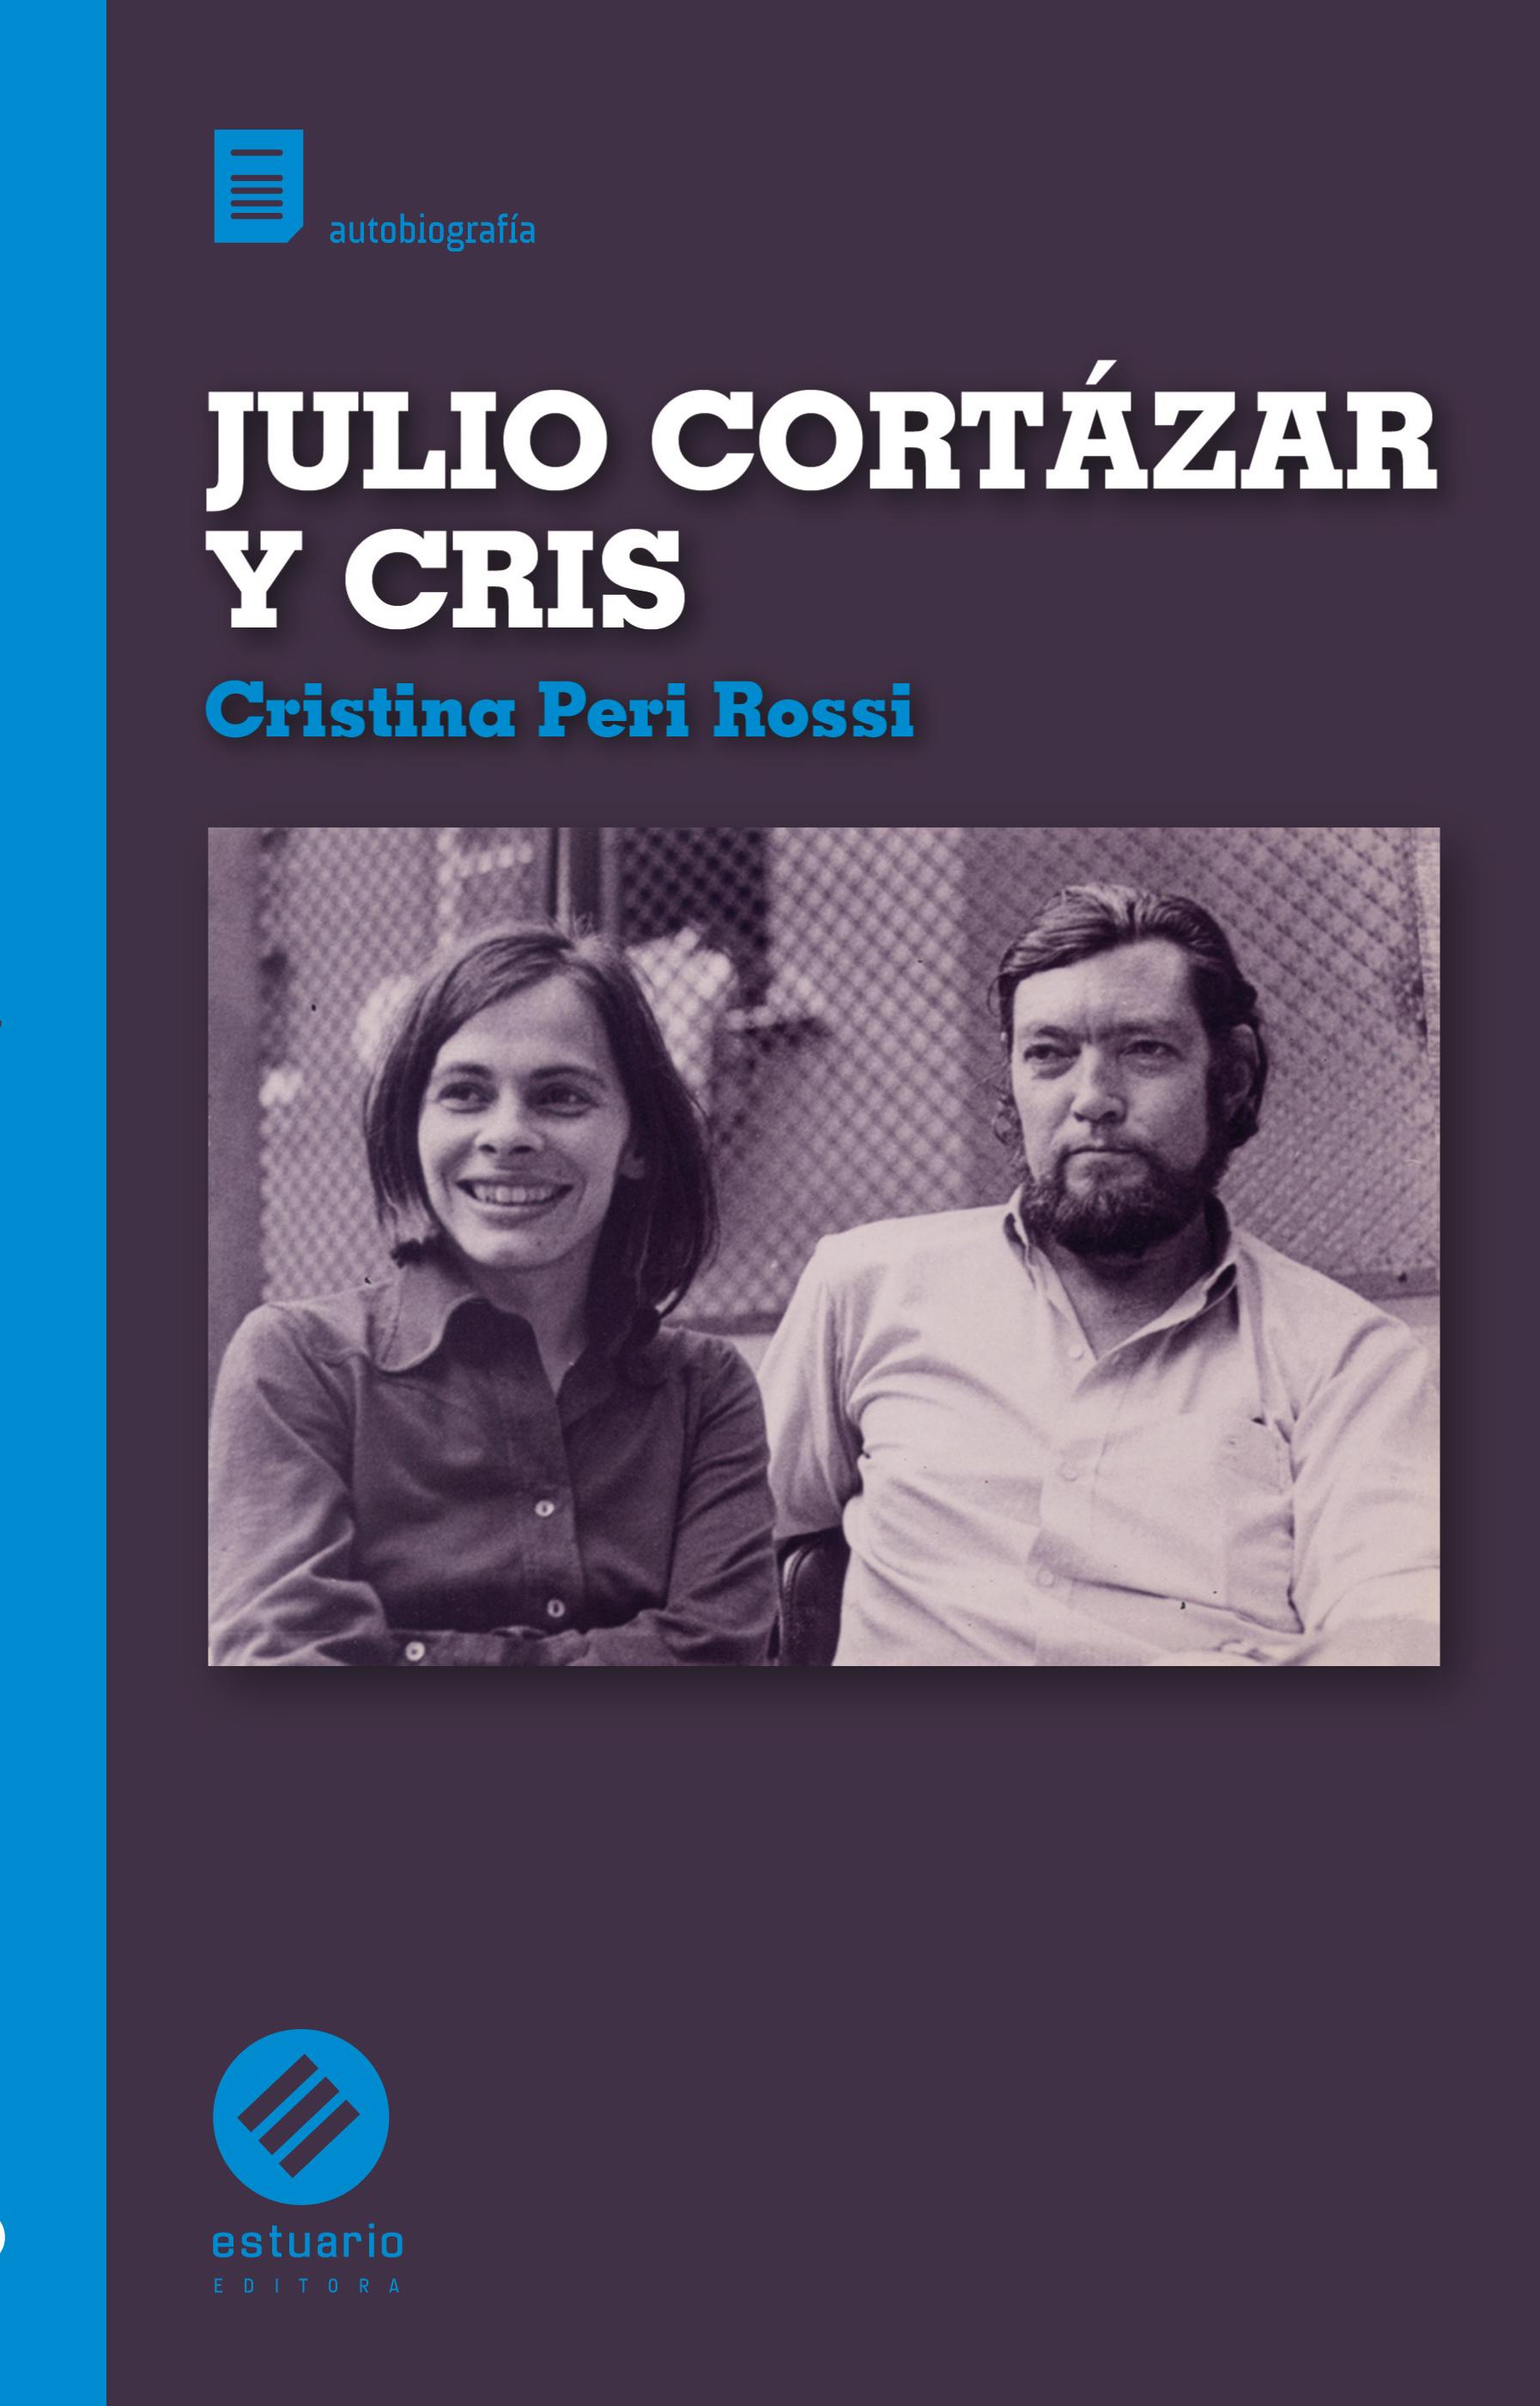 JULIO CORTÁZAR Y CRIS Tapa2